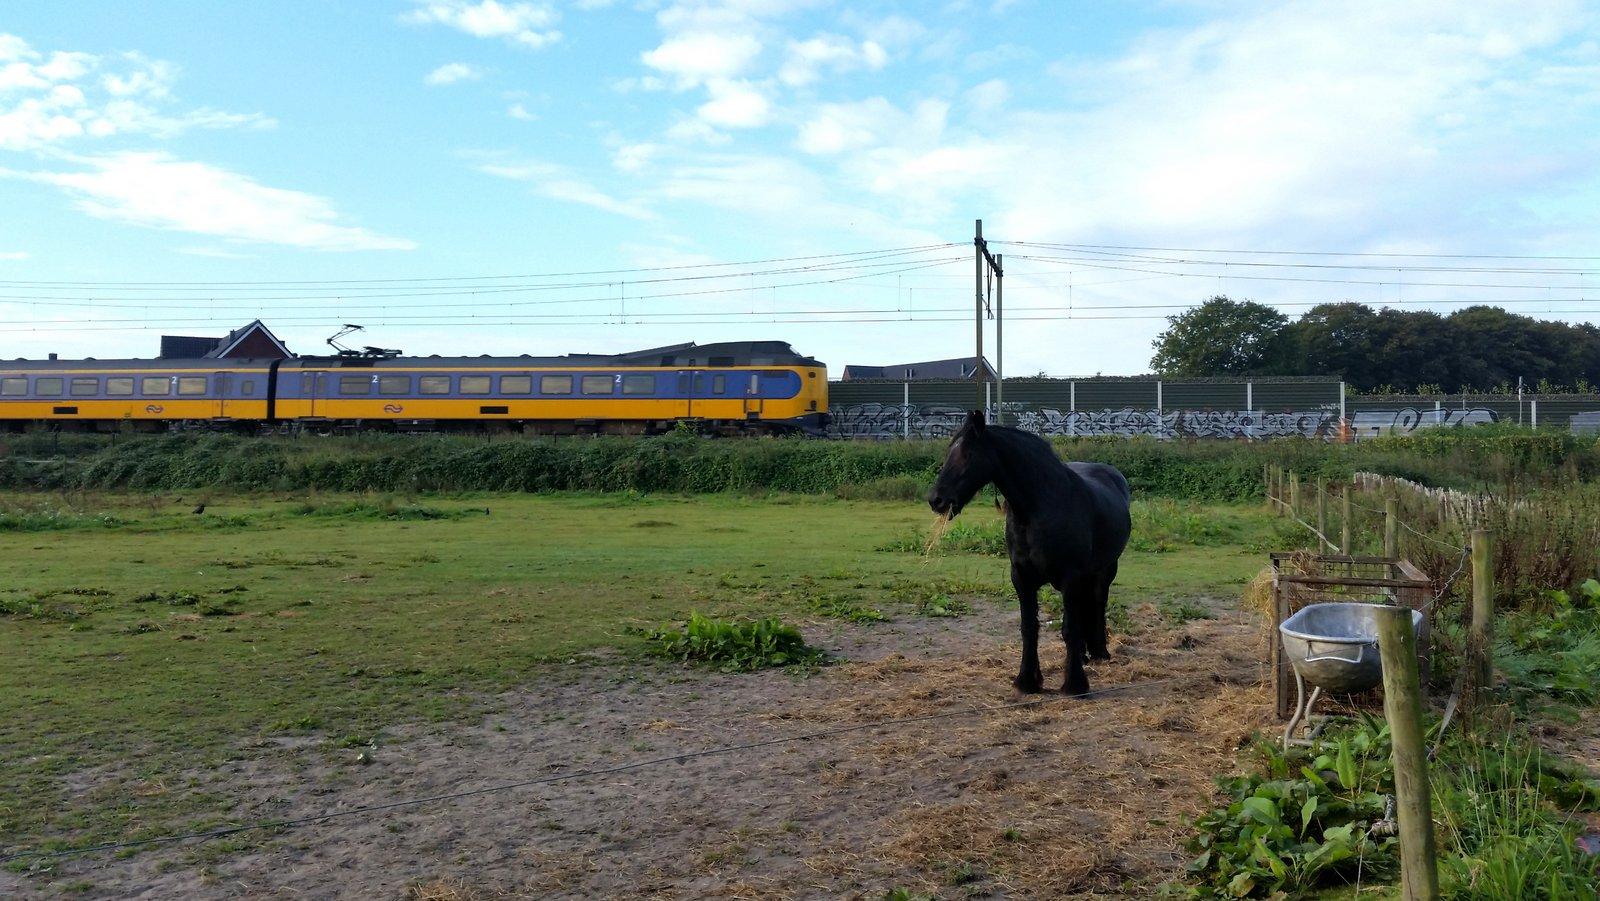 Intercity trein op spoor Eindhoven Weert